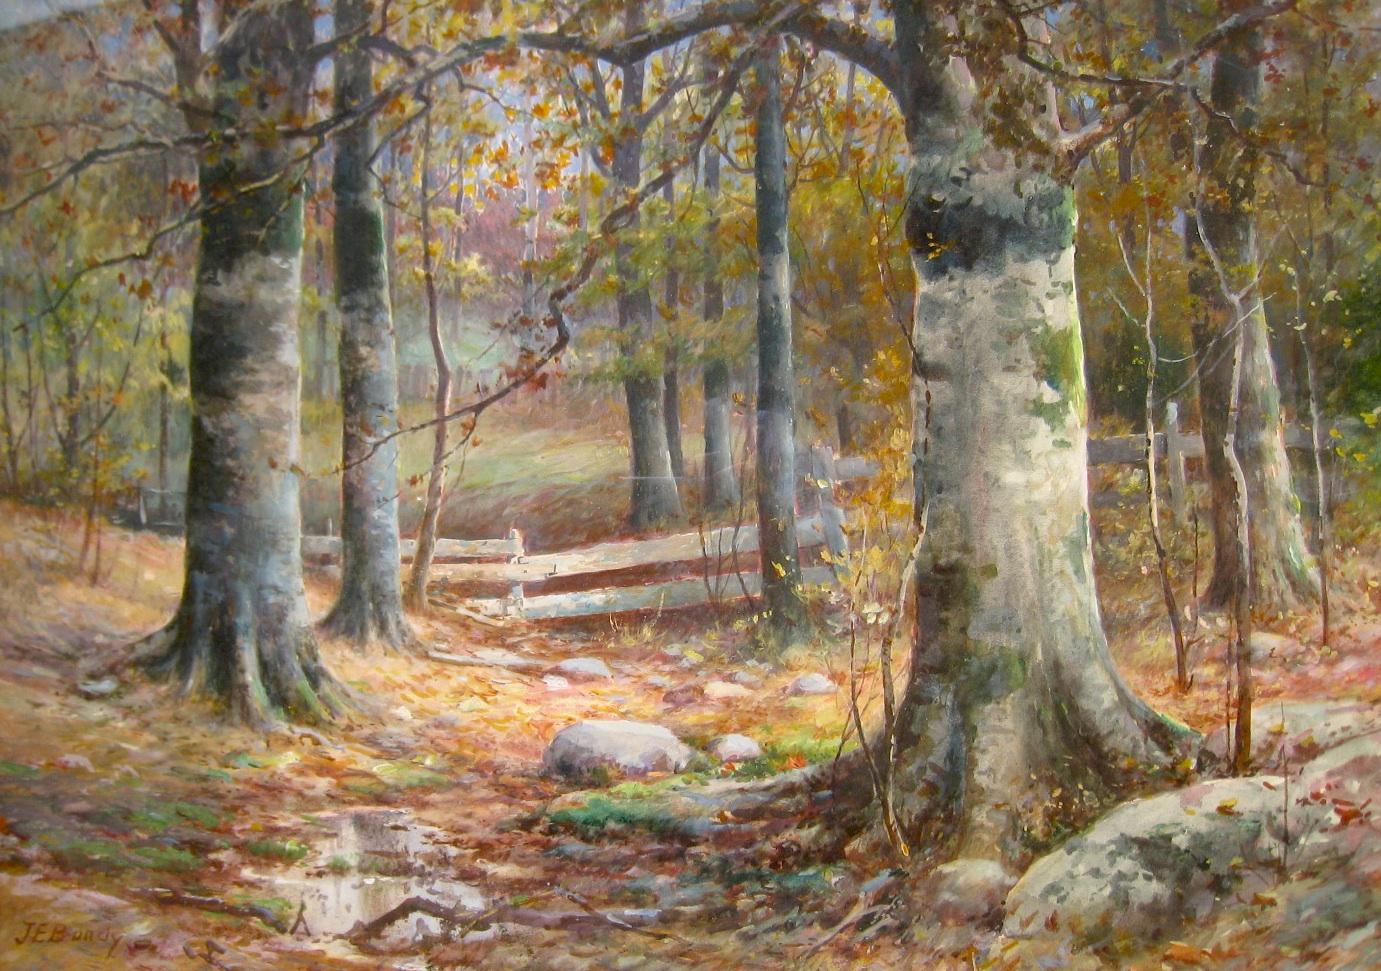 bundy-autumnbeechesfence-cropped